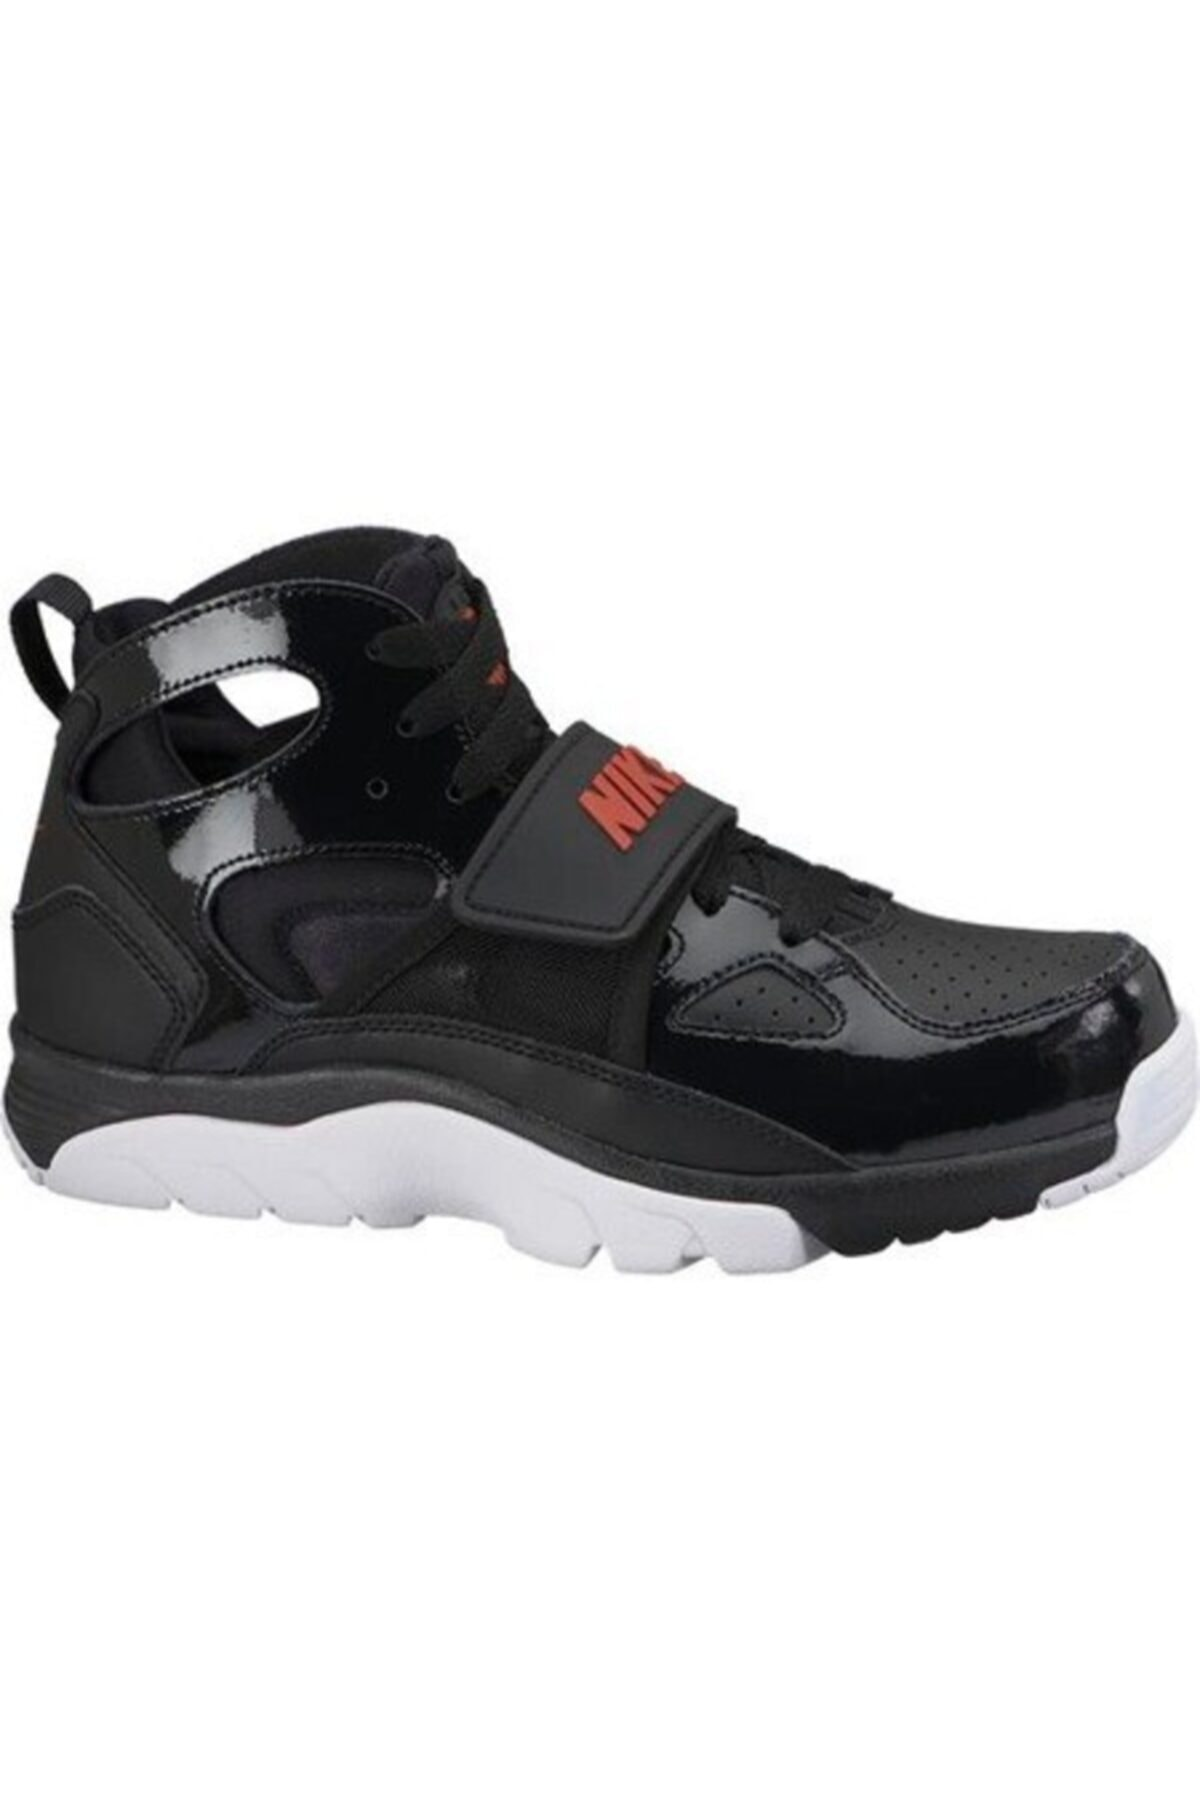 Nike Trainer Huarache Çocuk Spor Ayakkabı 705255-001 1